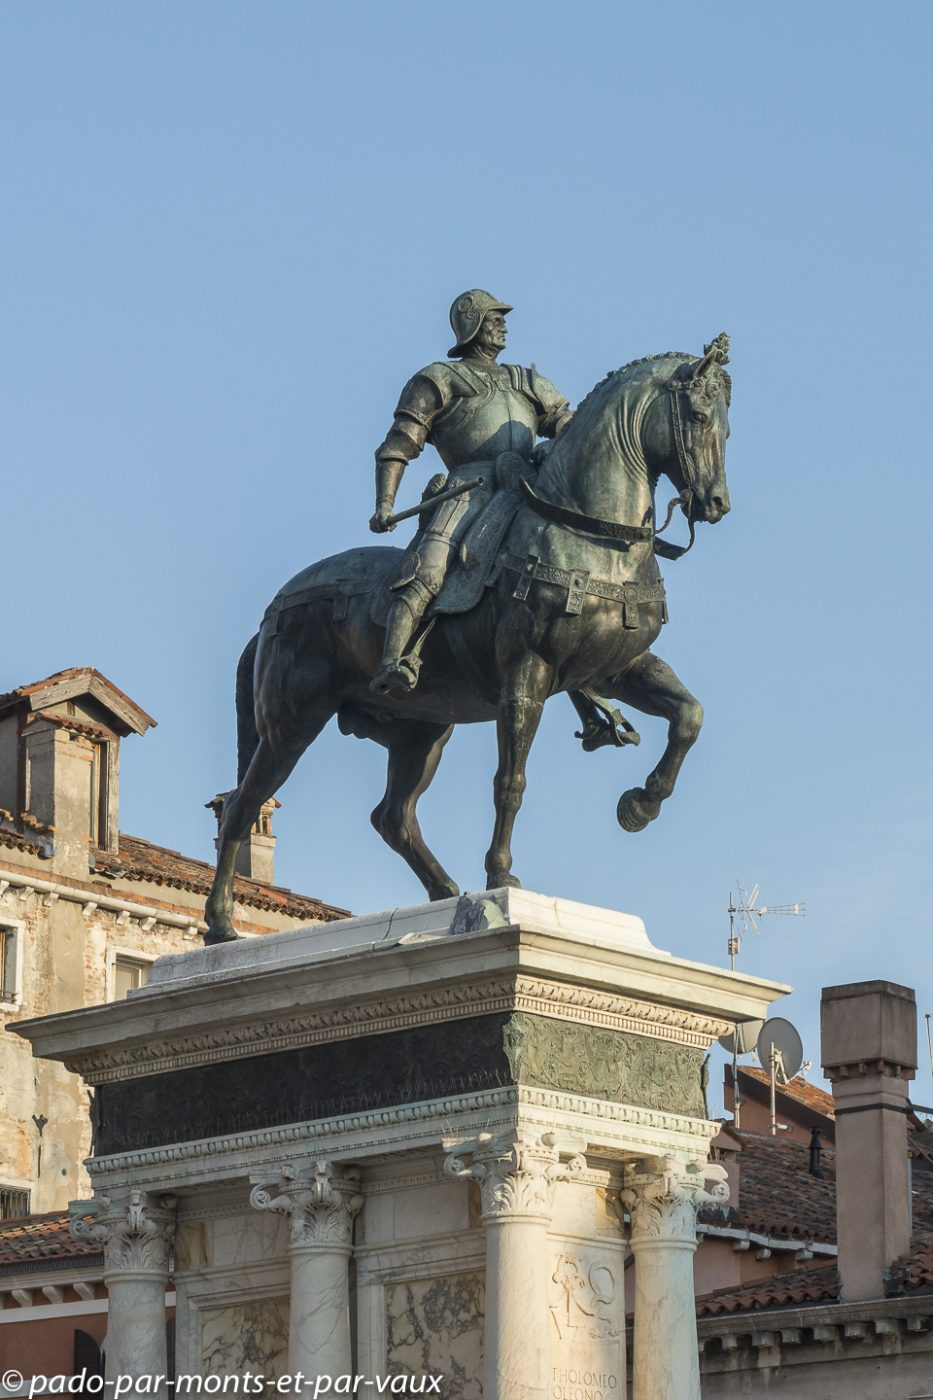 Venise - Cannaregio - Bartolomeo Colleoni